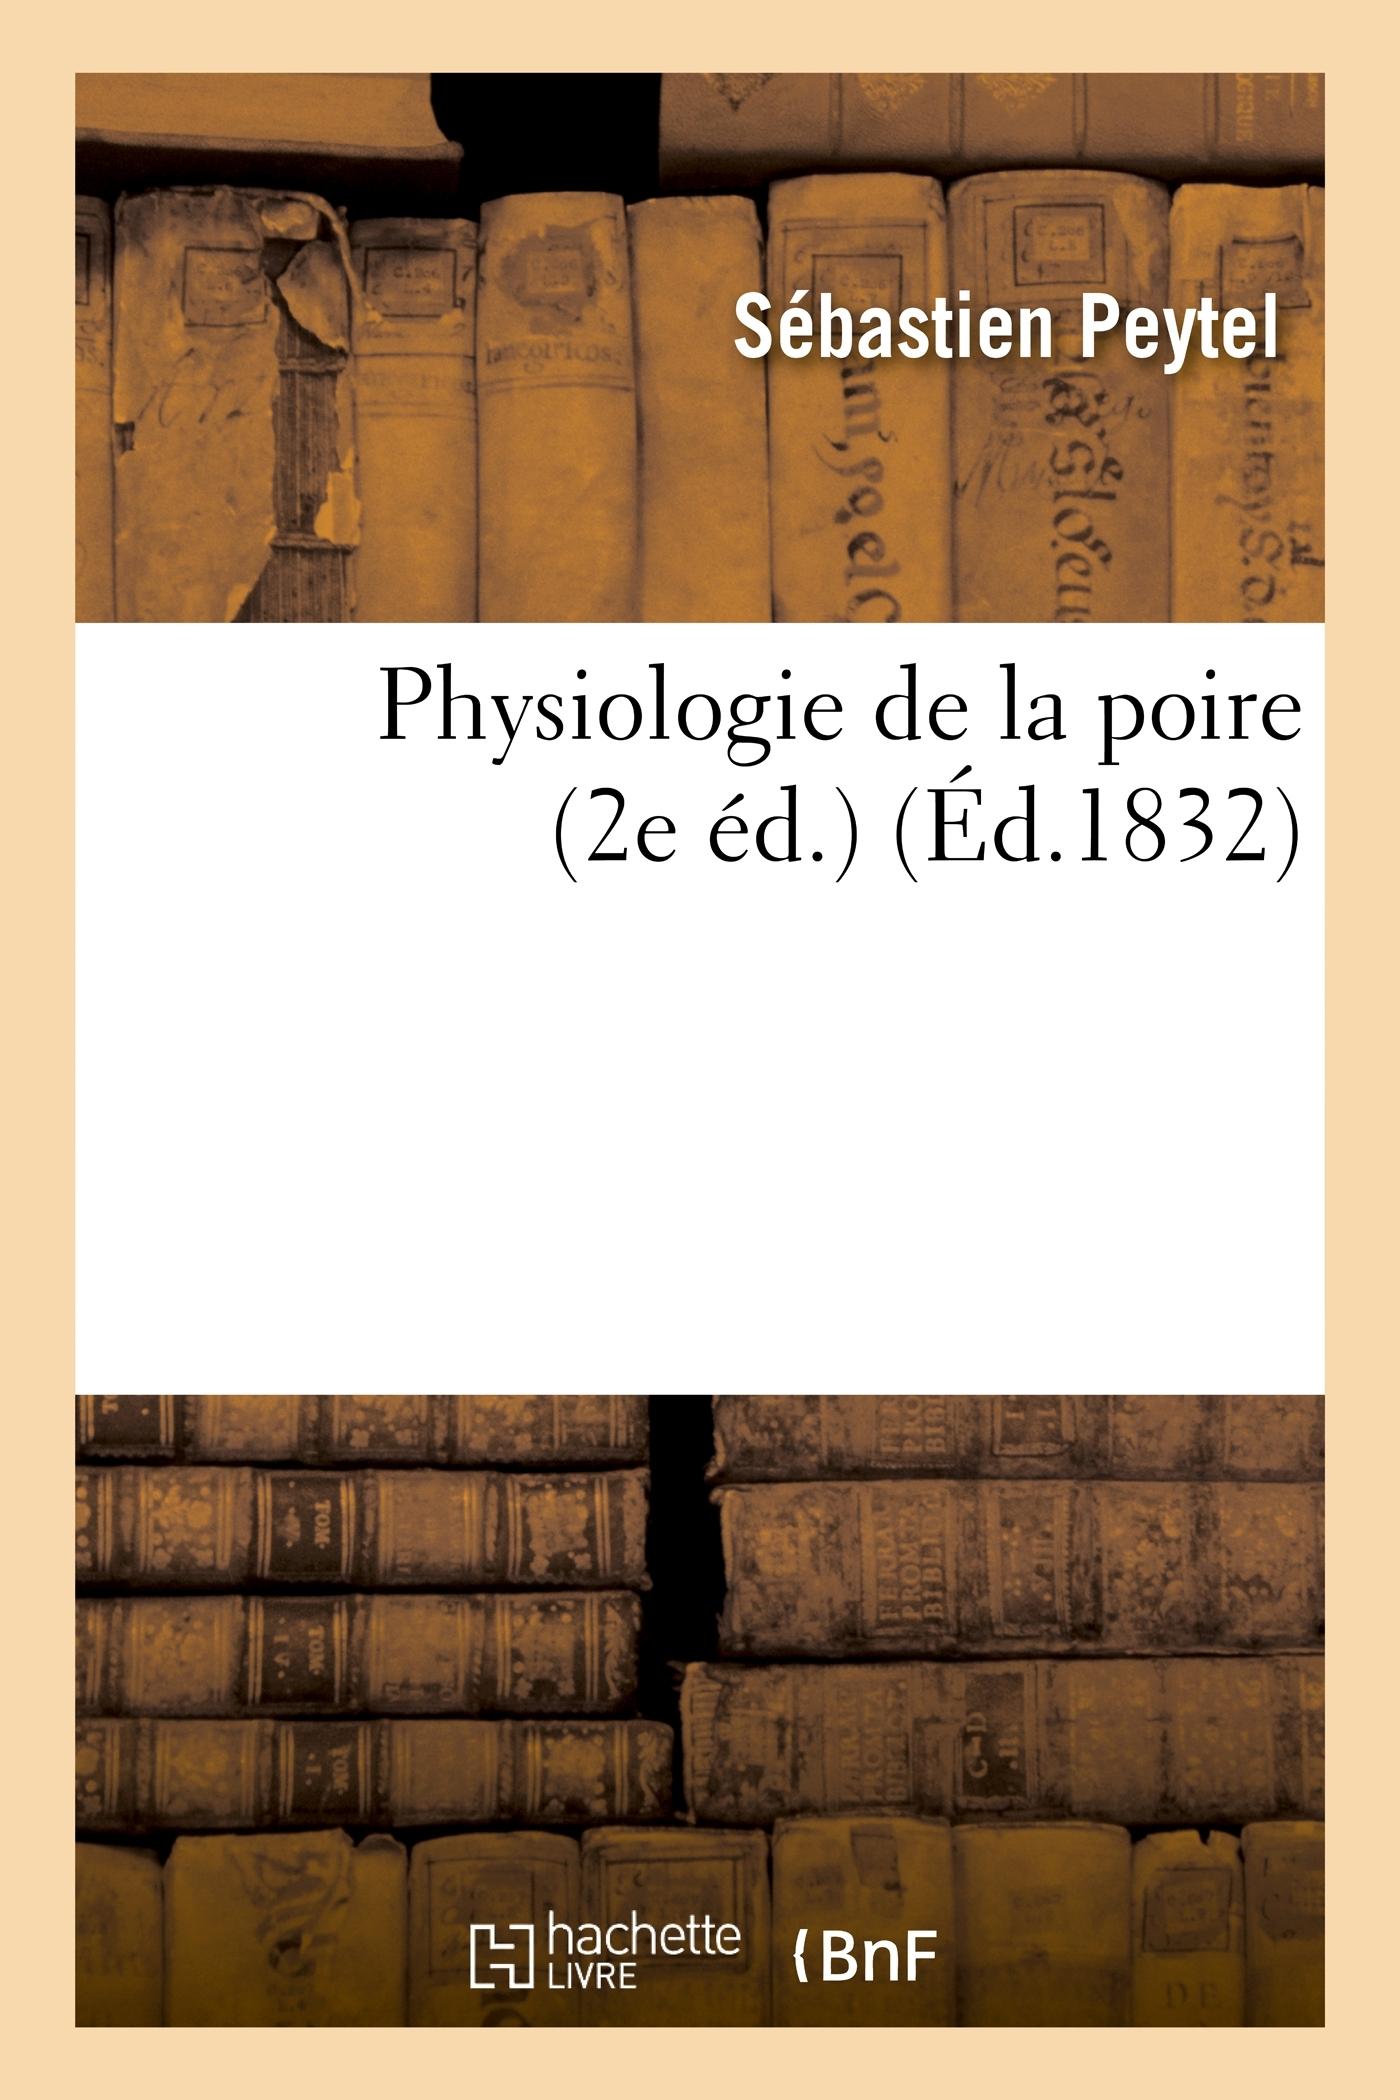 PHYSIOLOGIE DE LA POIRE (2E ED.)